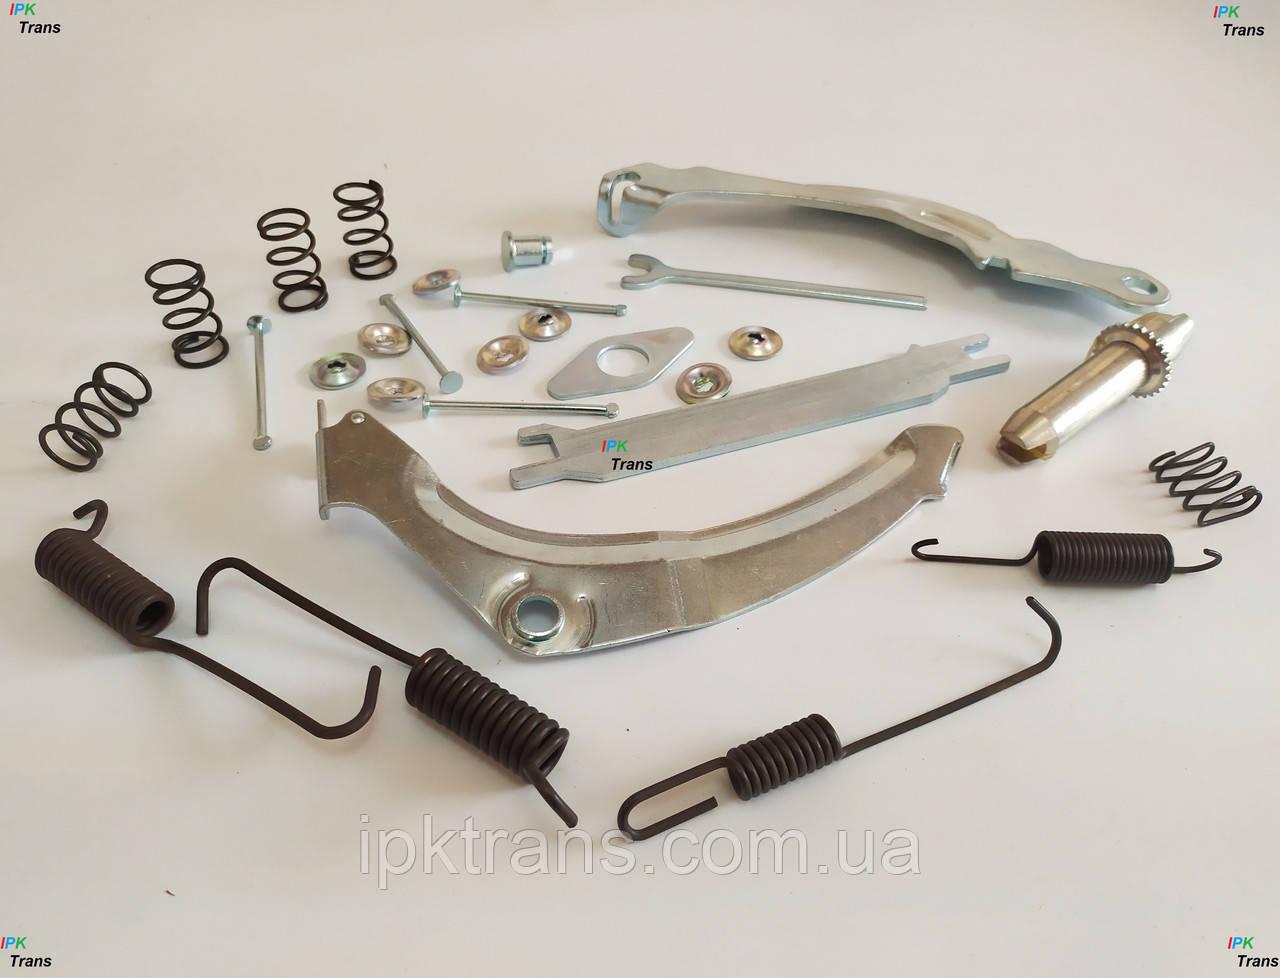 Ремкомплект тормозных колодок TOYOTA 8FG30 Lh